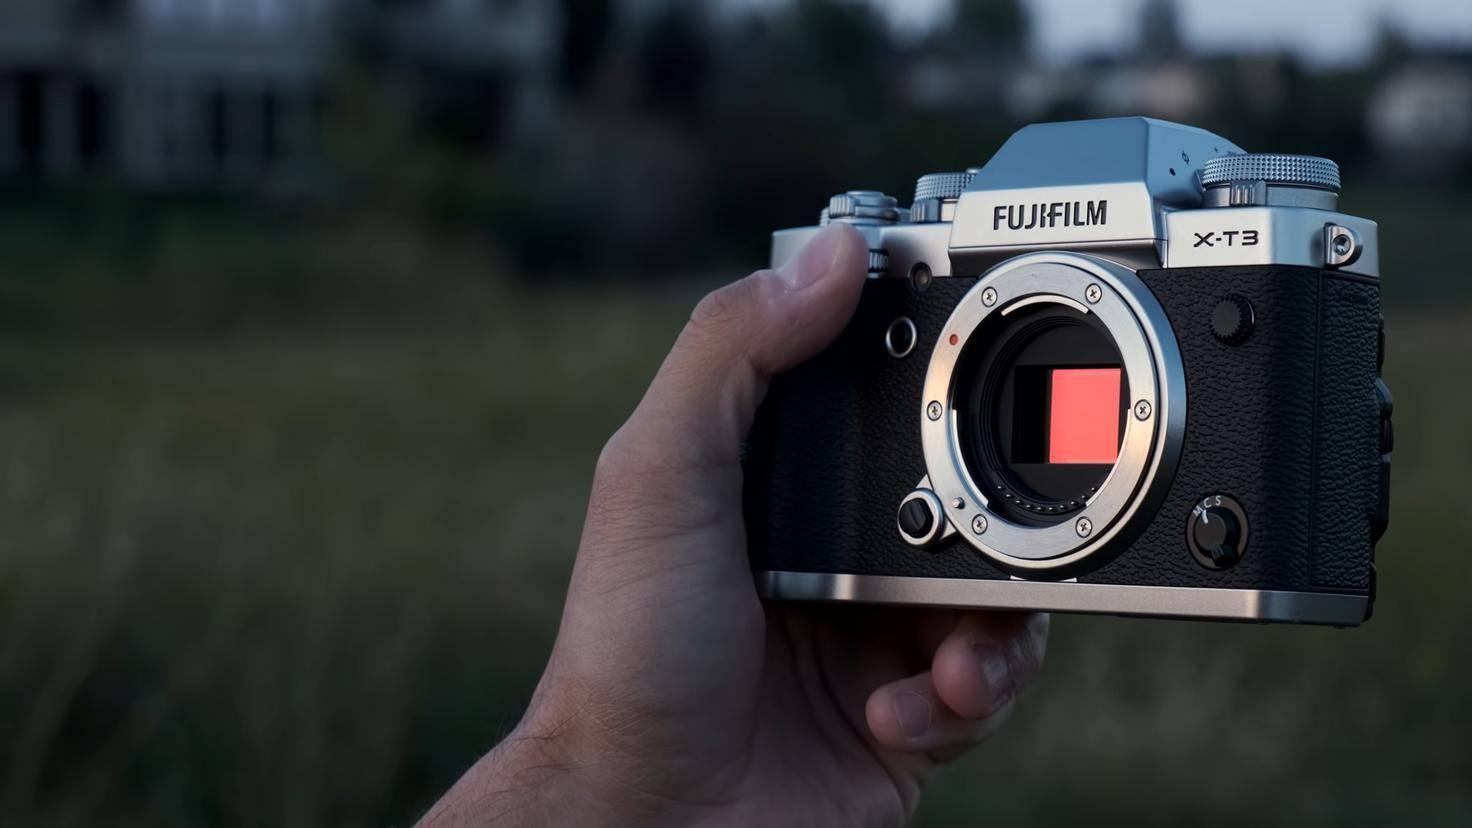 Fujifilm-X-T3